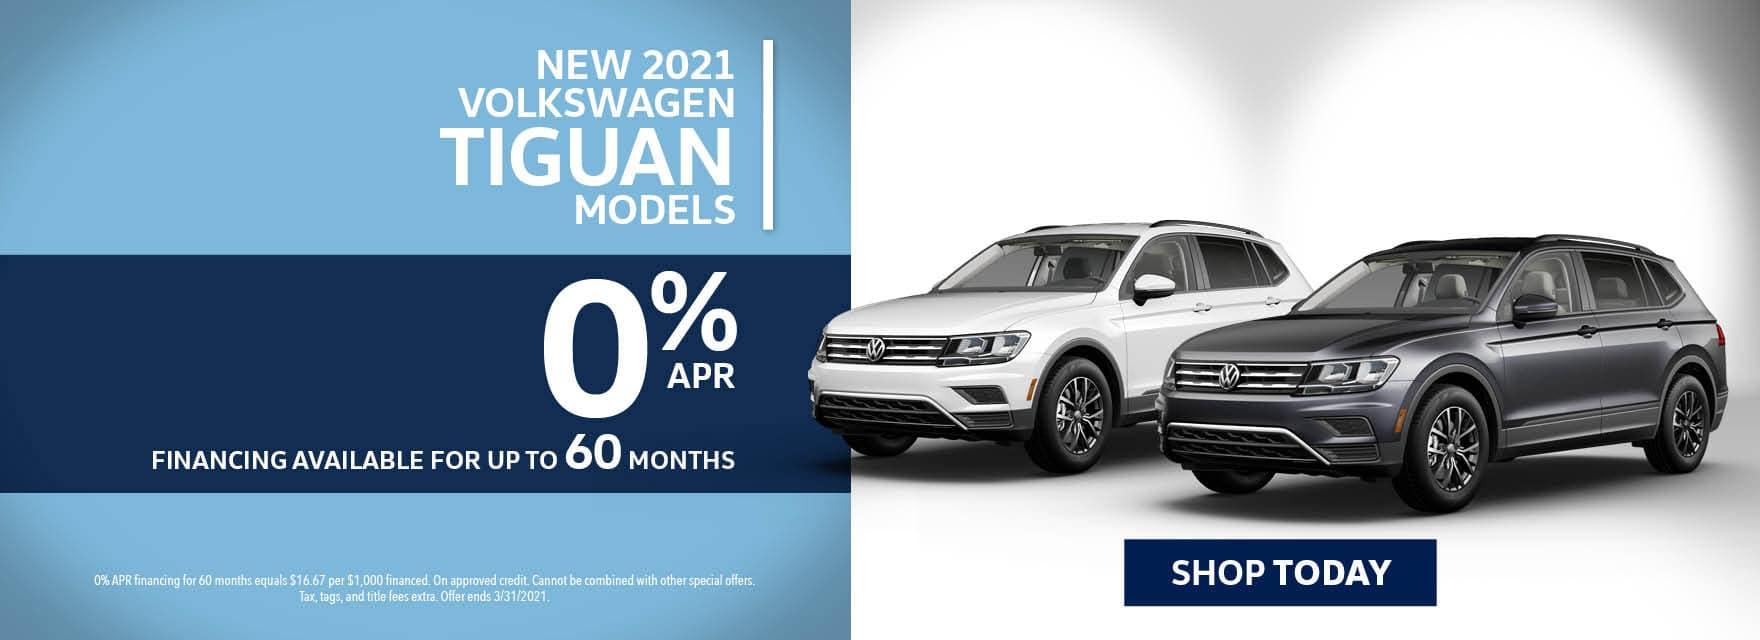 New 2021 VW Tiguan